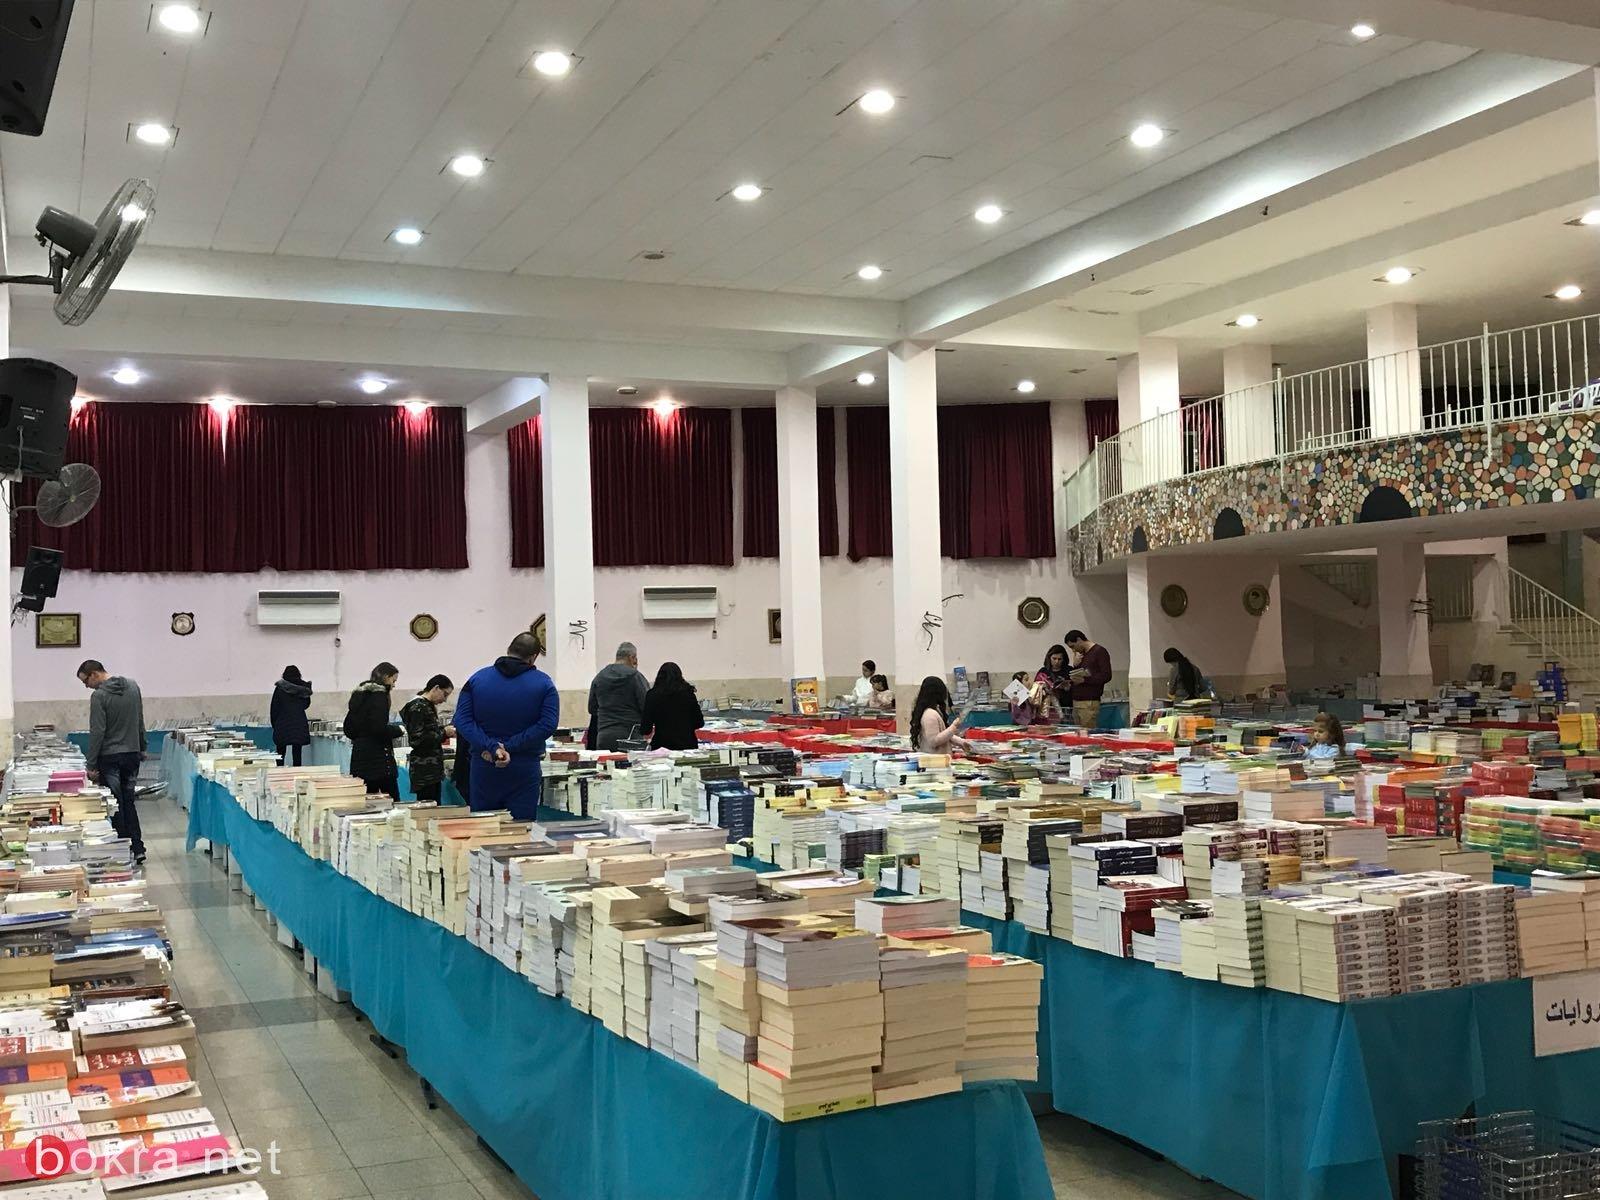 معرض الكتاب الكبير في قاعة الاوديتوريوم - عبلين مستمر حتى الاربعاء 28.2.18